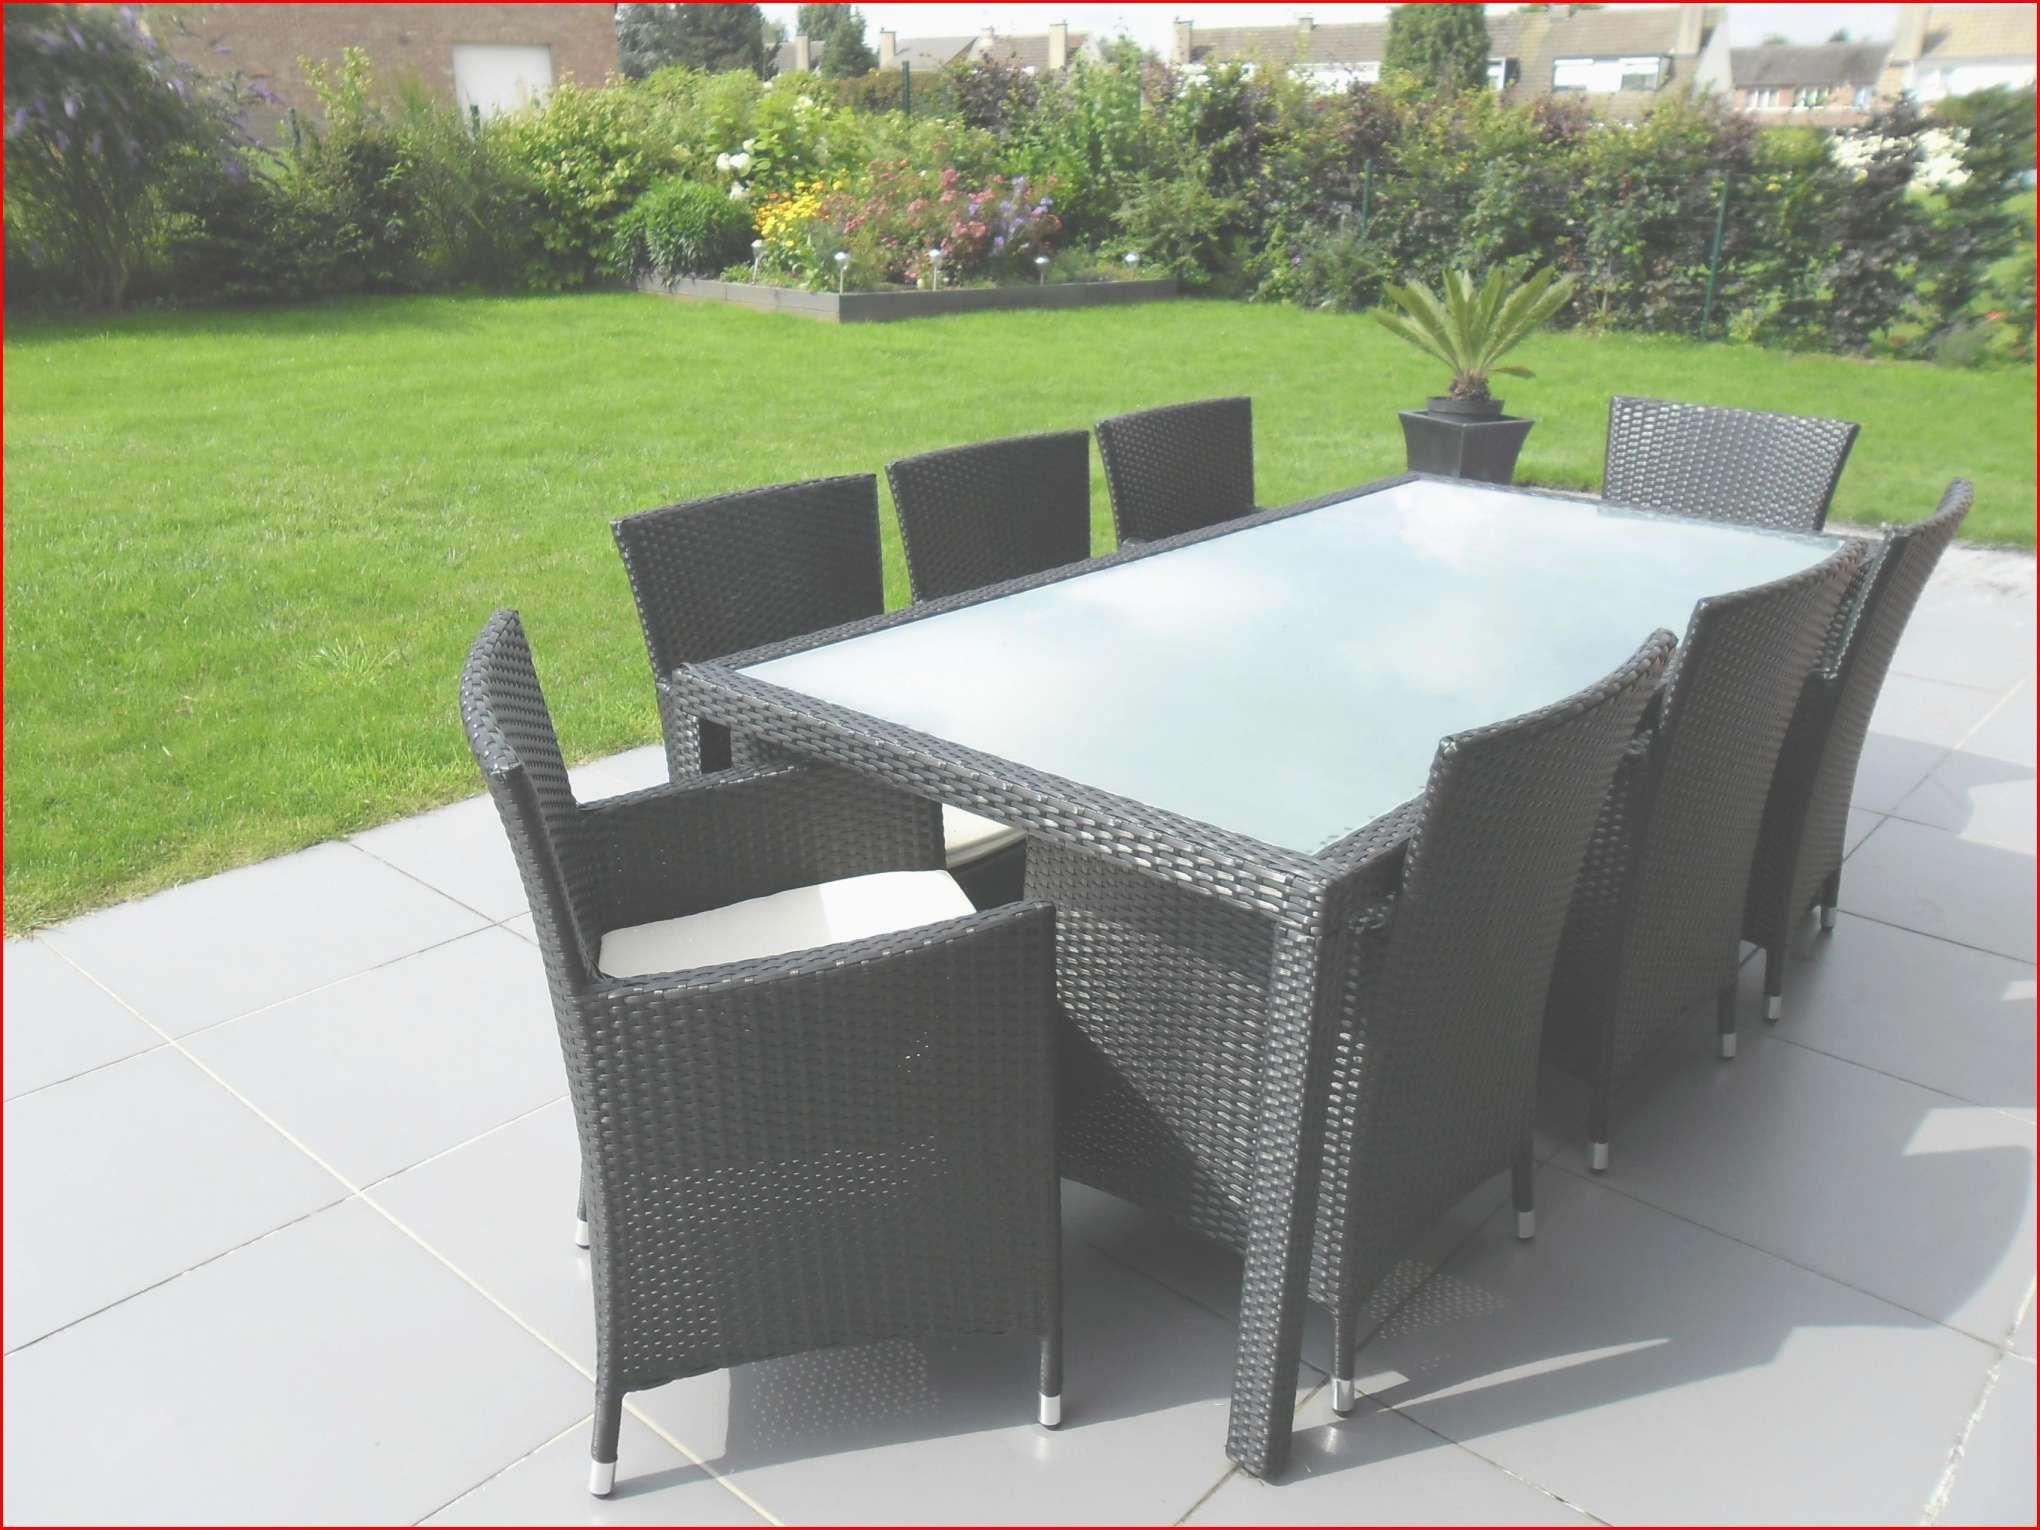 Pin On Home Design Ideas tout Salon De Jardin Resine Tressee